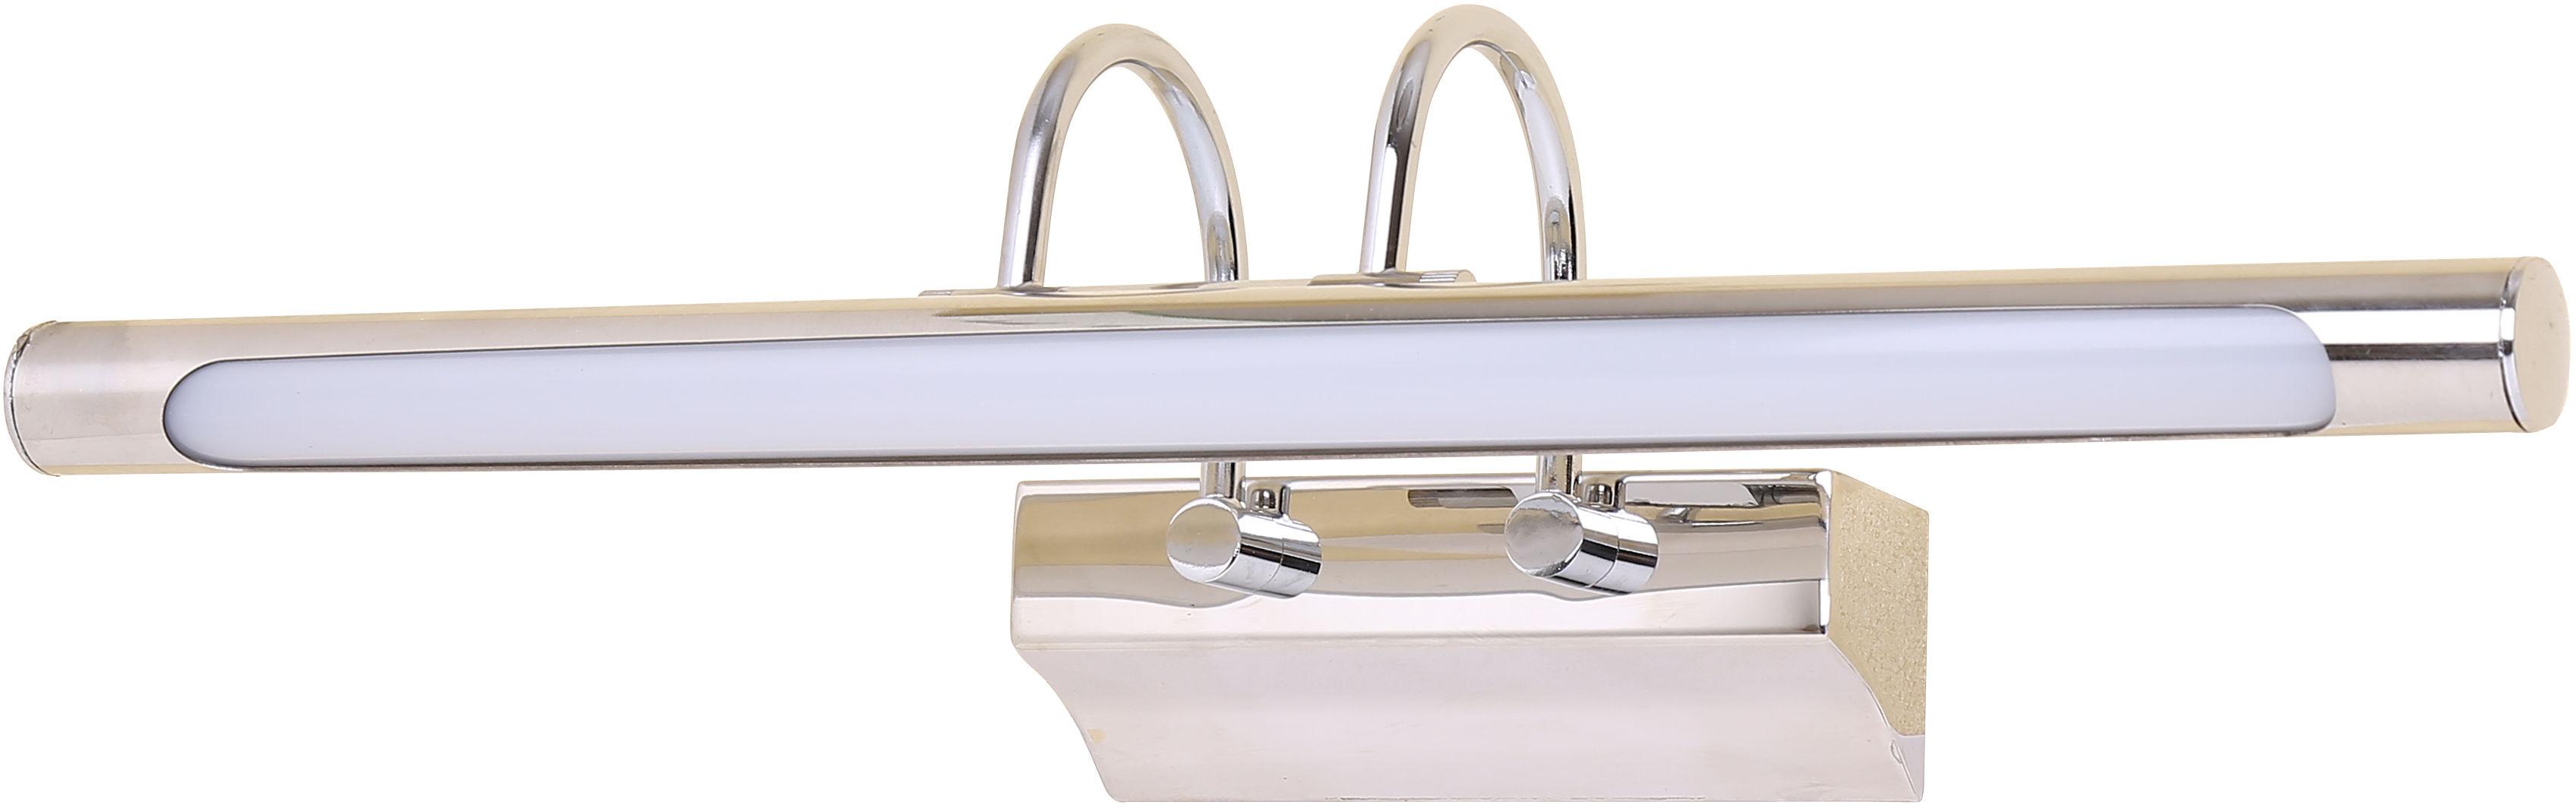 Candellux LINEA 20-40763 kinkiet lampa ścienna chrom 5W LED 43cm